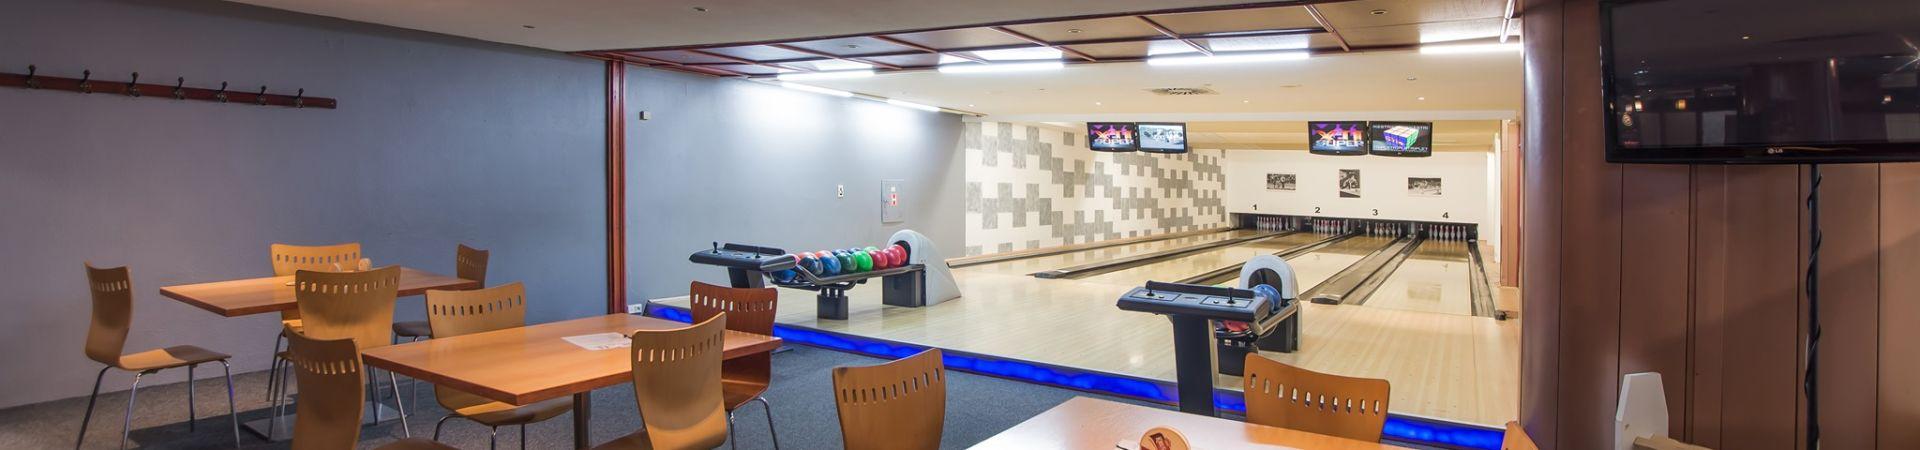 Hotel Cosmopolitan Bobycentrum - Bowling Pub